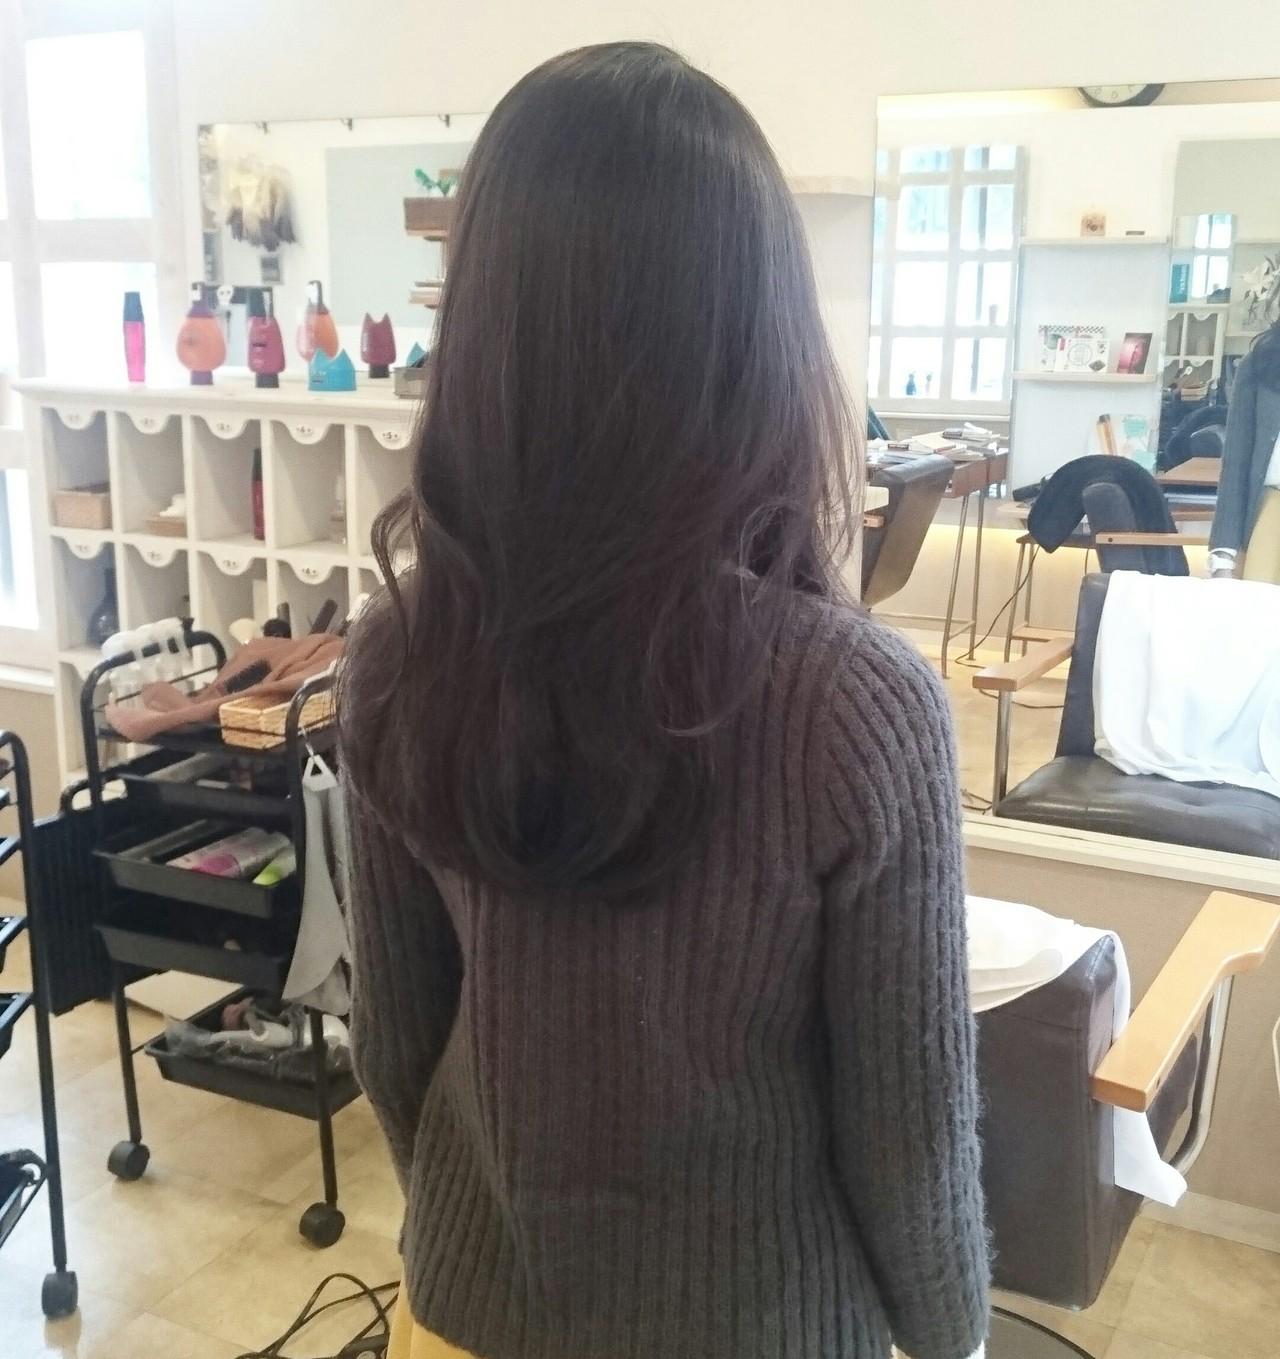 ヘアアレンジ アンニュイほつれヘア 抜け感 ナチュラル ヘアスタイルや髪型の写真・画像